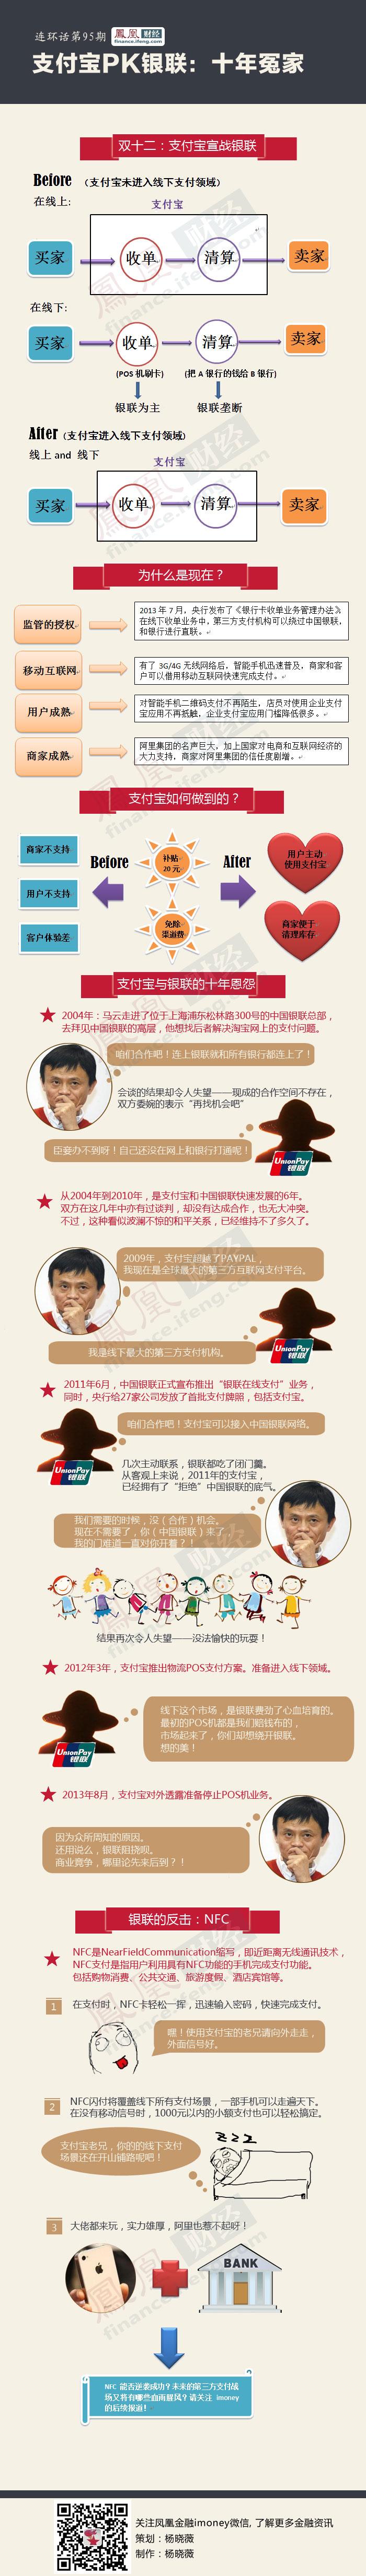 支付宝和银联的十年恩怨 - li-han163 - 李 晗